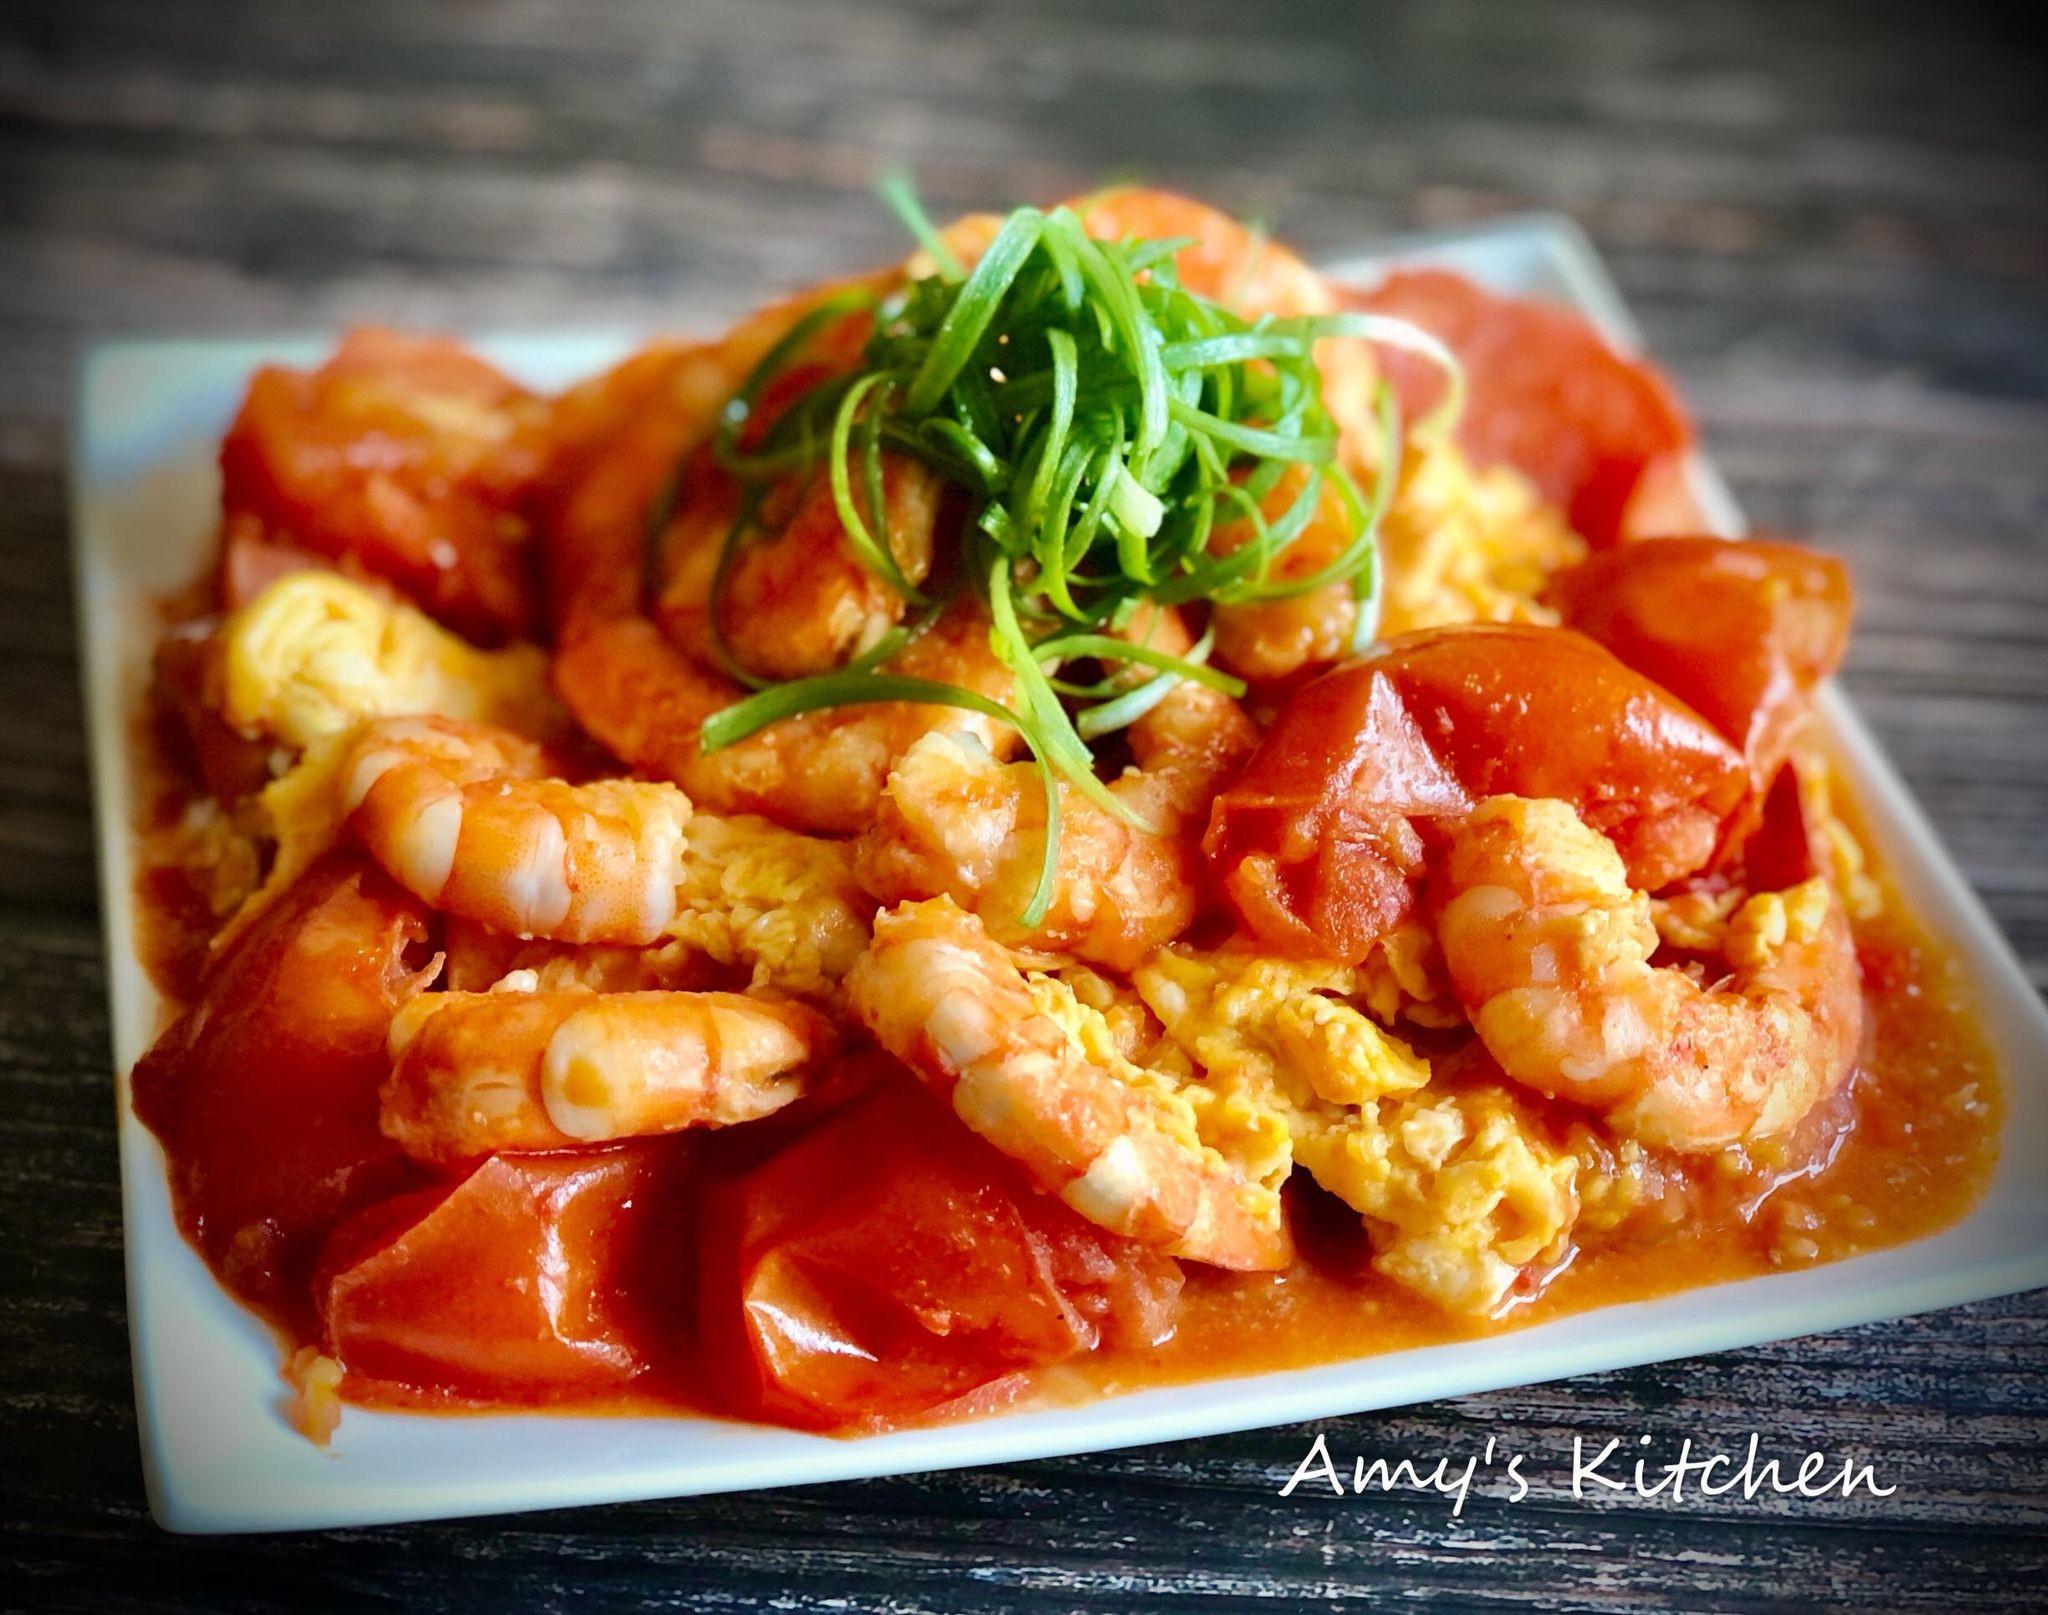 鮮蝦番茄炒蛋  (蝦料理整理)